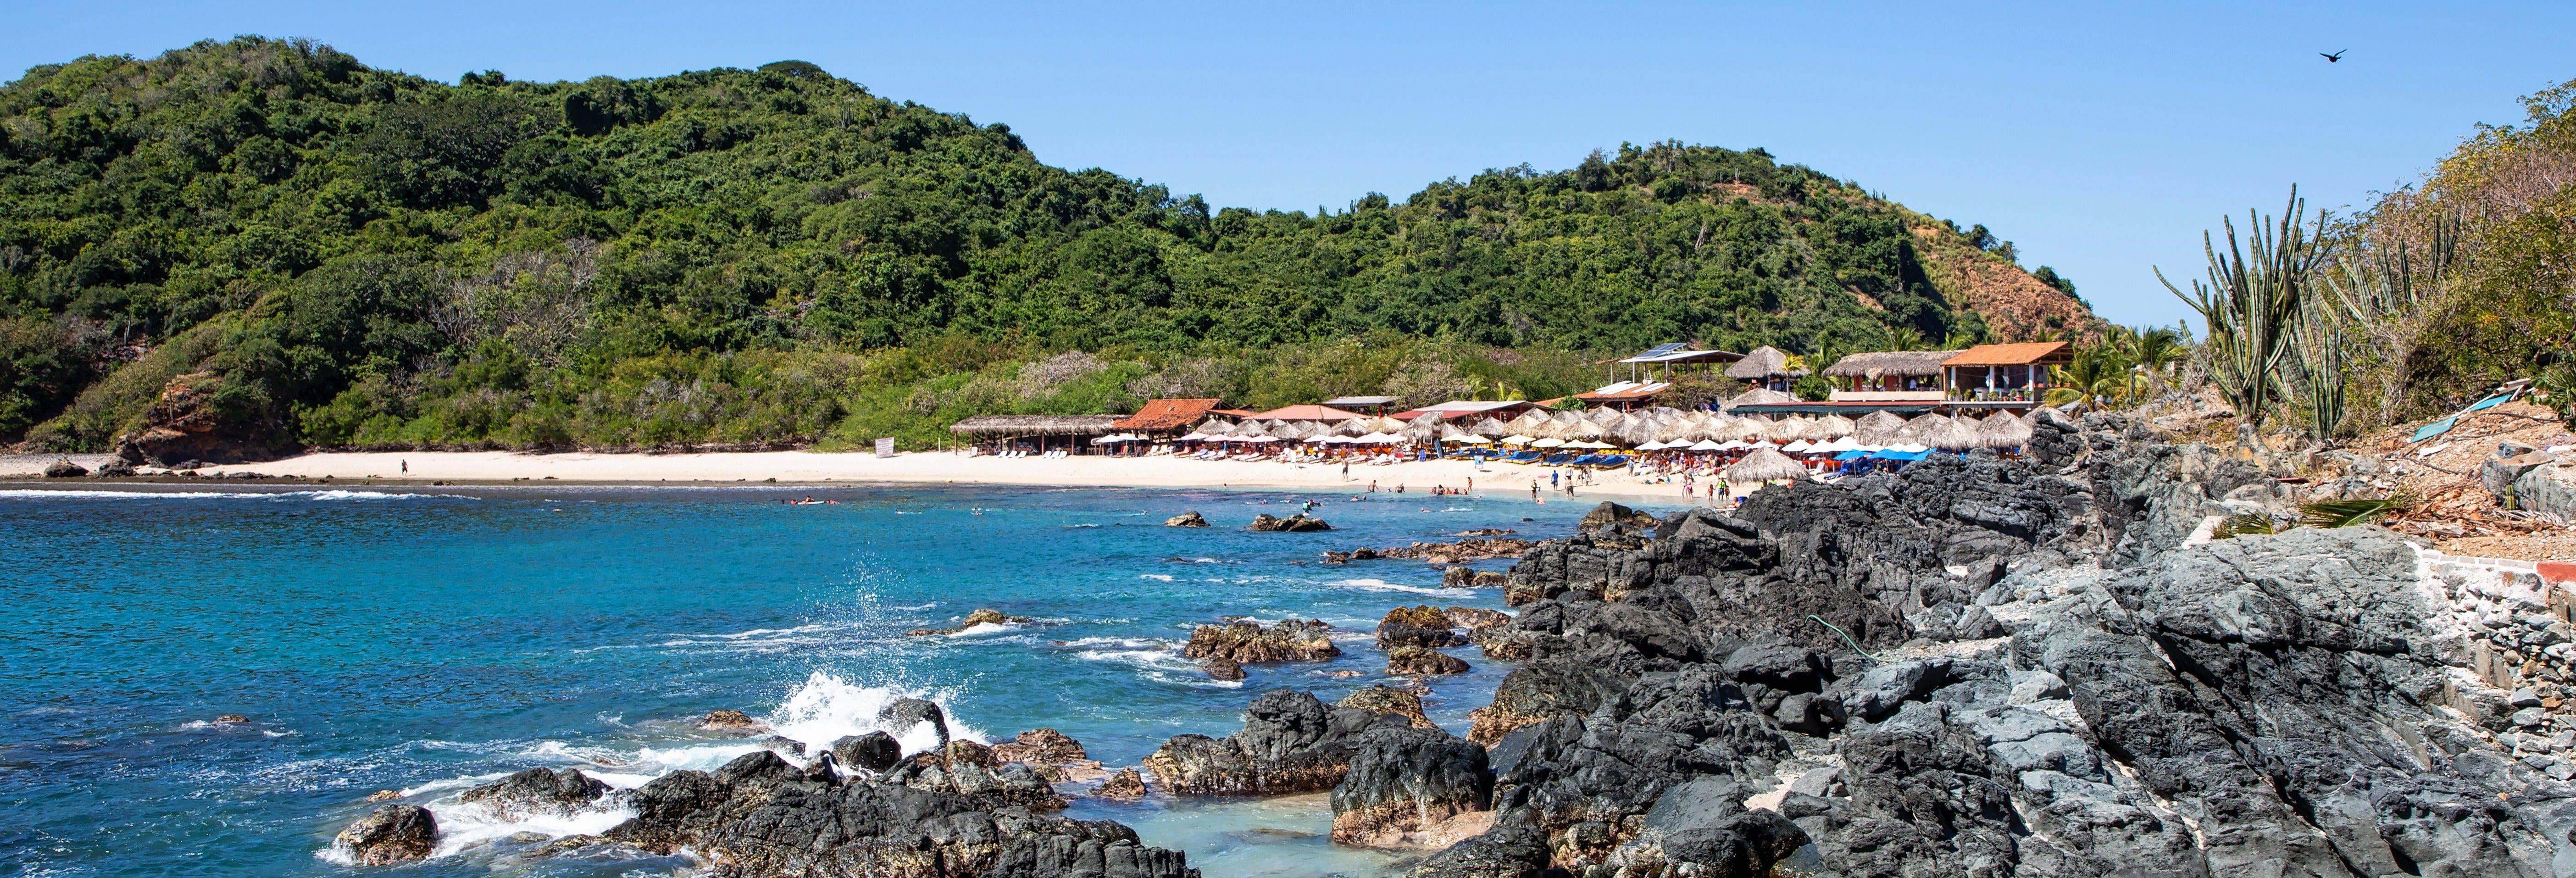 Excursión a la isla Ixtapa y playa Las Gatas + Pesca y snorkel